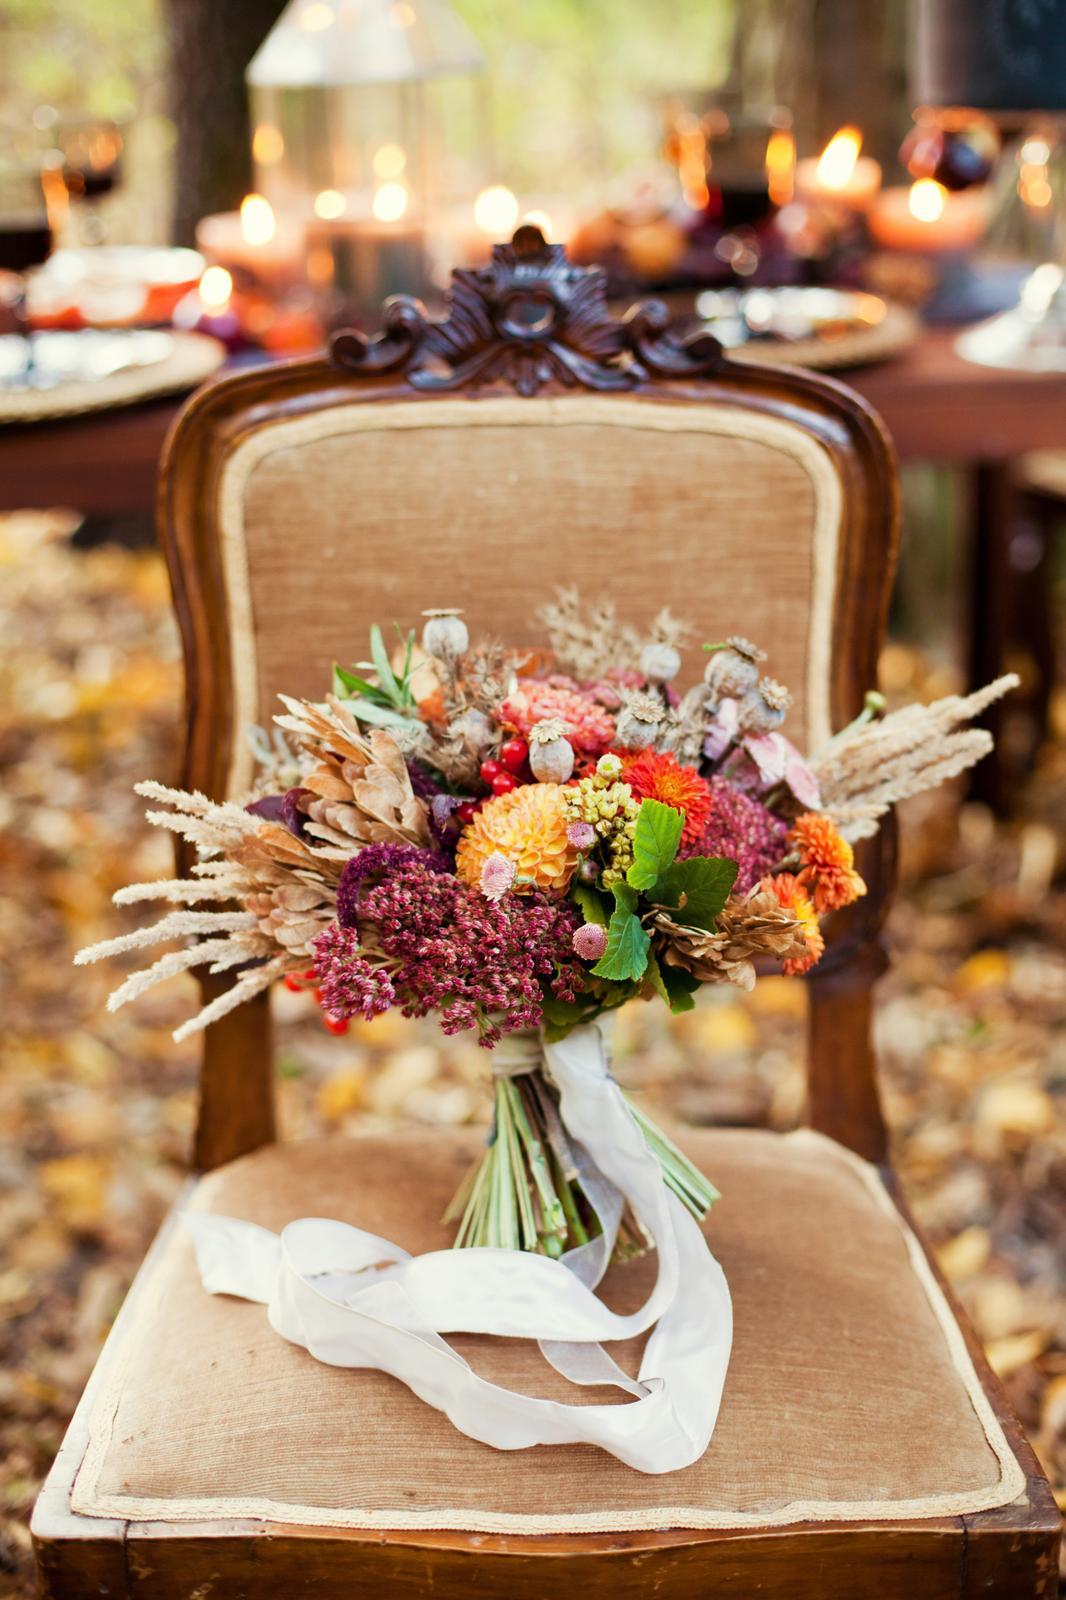 """V našom svadobnom magazíne začíname so sériou článkov """"Jesenná svadba"""" (prvý diel si môžete prečítať tu: https://www.mojasvadba.sk/svadba-na-jesen-dizajn). Plánujete aj vy jesennú svadbu? Čo vás najviac inšpirovalo? Aký prvok na vašej jesennej svadbe určite nemôže chýbať? Ukážte nám vo fotoblogu svoju predstavu a zverejnený príspevok označte #jesennasvadba . Za každé označenie vás odmením srdiečkom :) Navoďme si na Mojej svadbe tú správnu atmosféru jesene a vzájomne sa inšpirujme :) - Obrázok č. 1"""